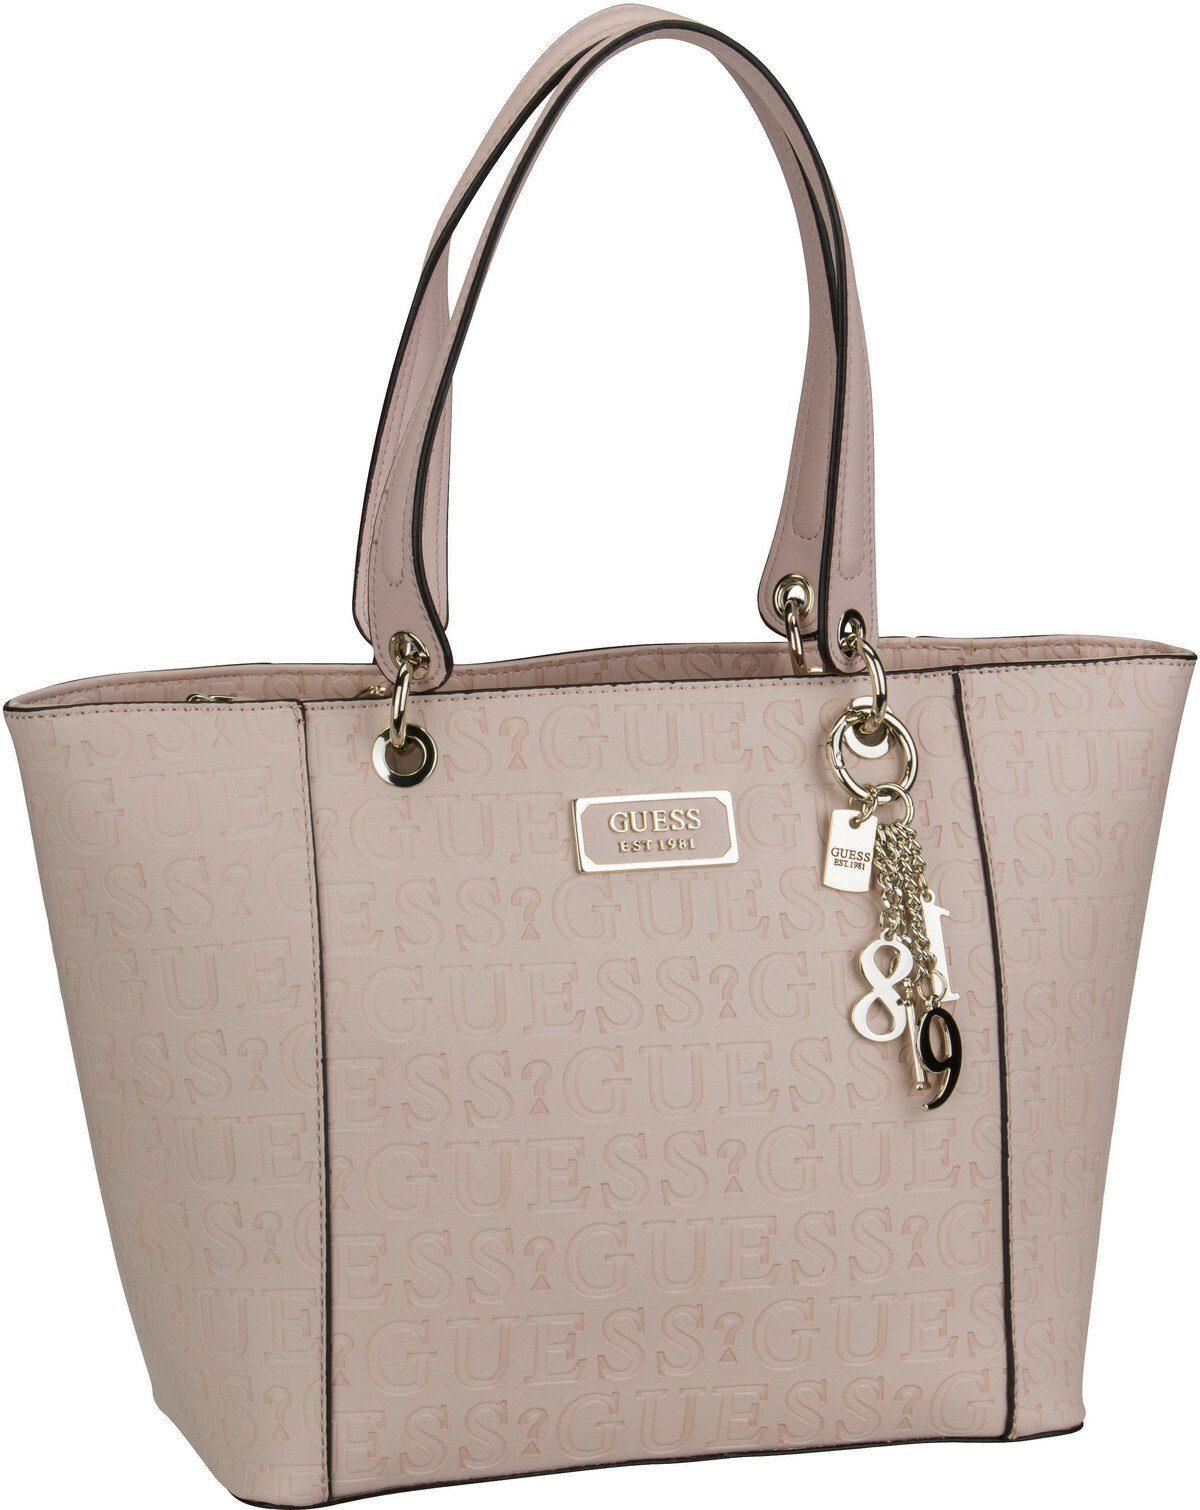 Guess Handtasche »Kamryn VD Tote« online kaufen | OTTO